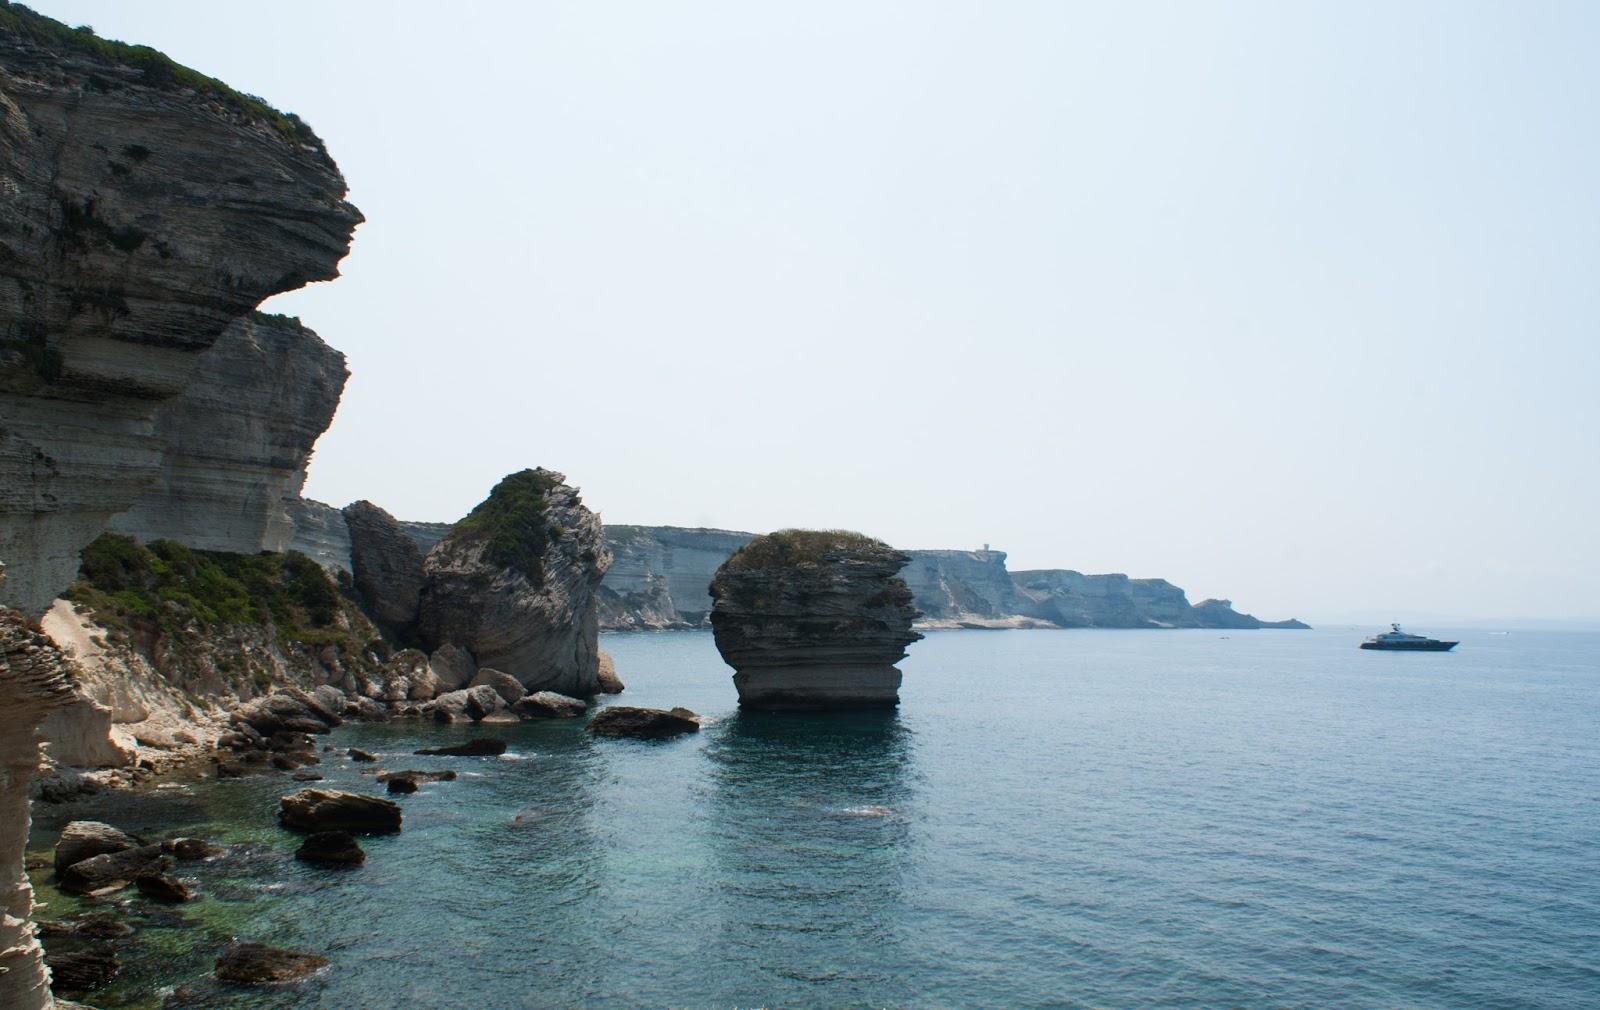 bonifacio corse corsica été falaise cliff mer sea grain de sable